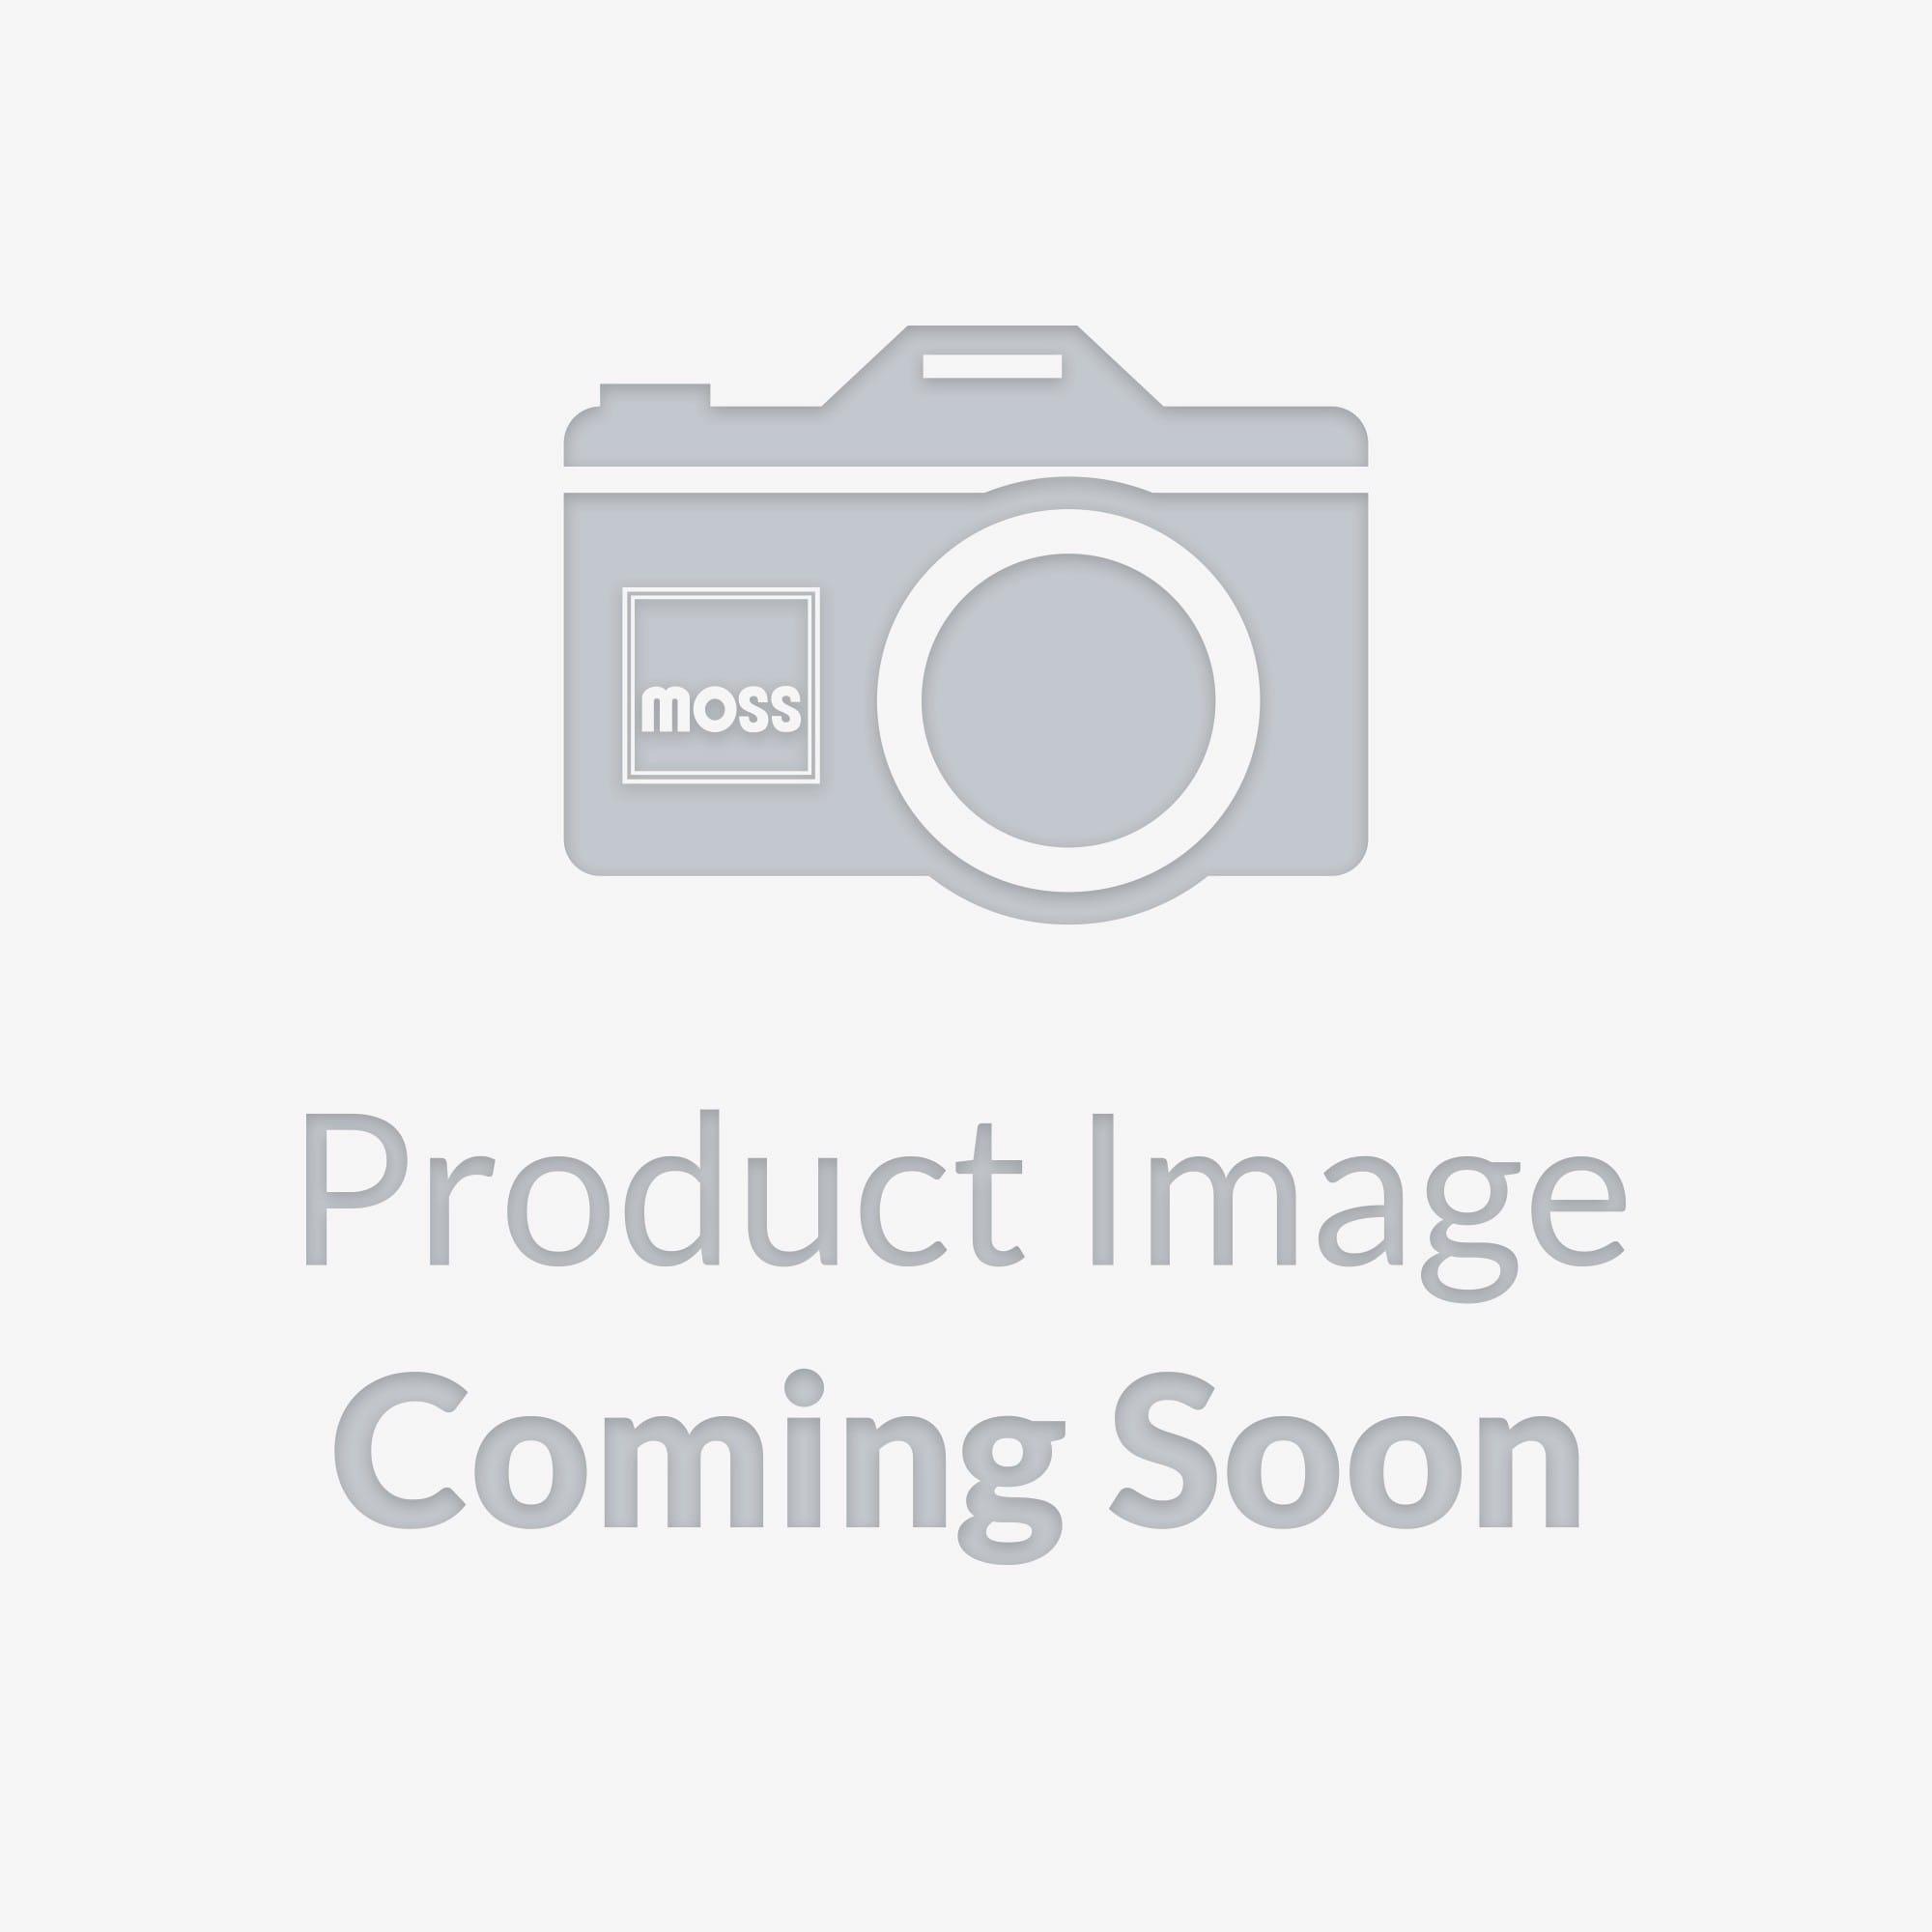 2015 mustang haynes manual